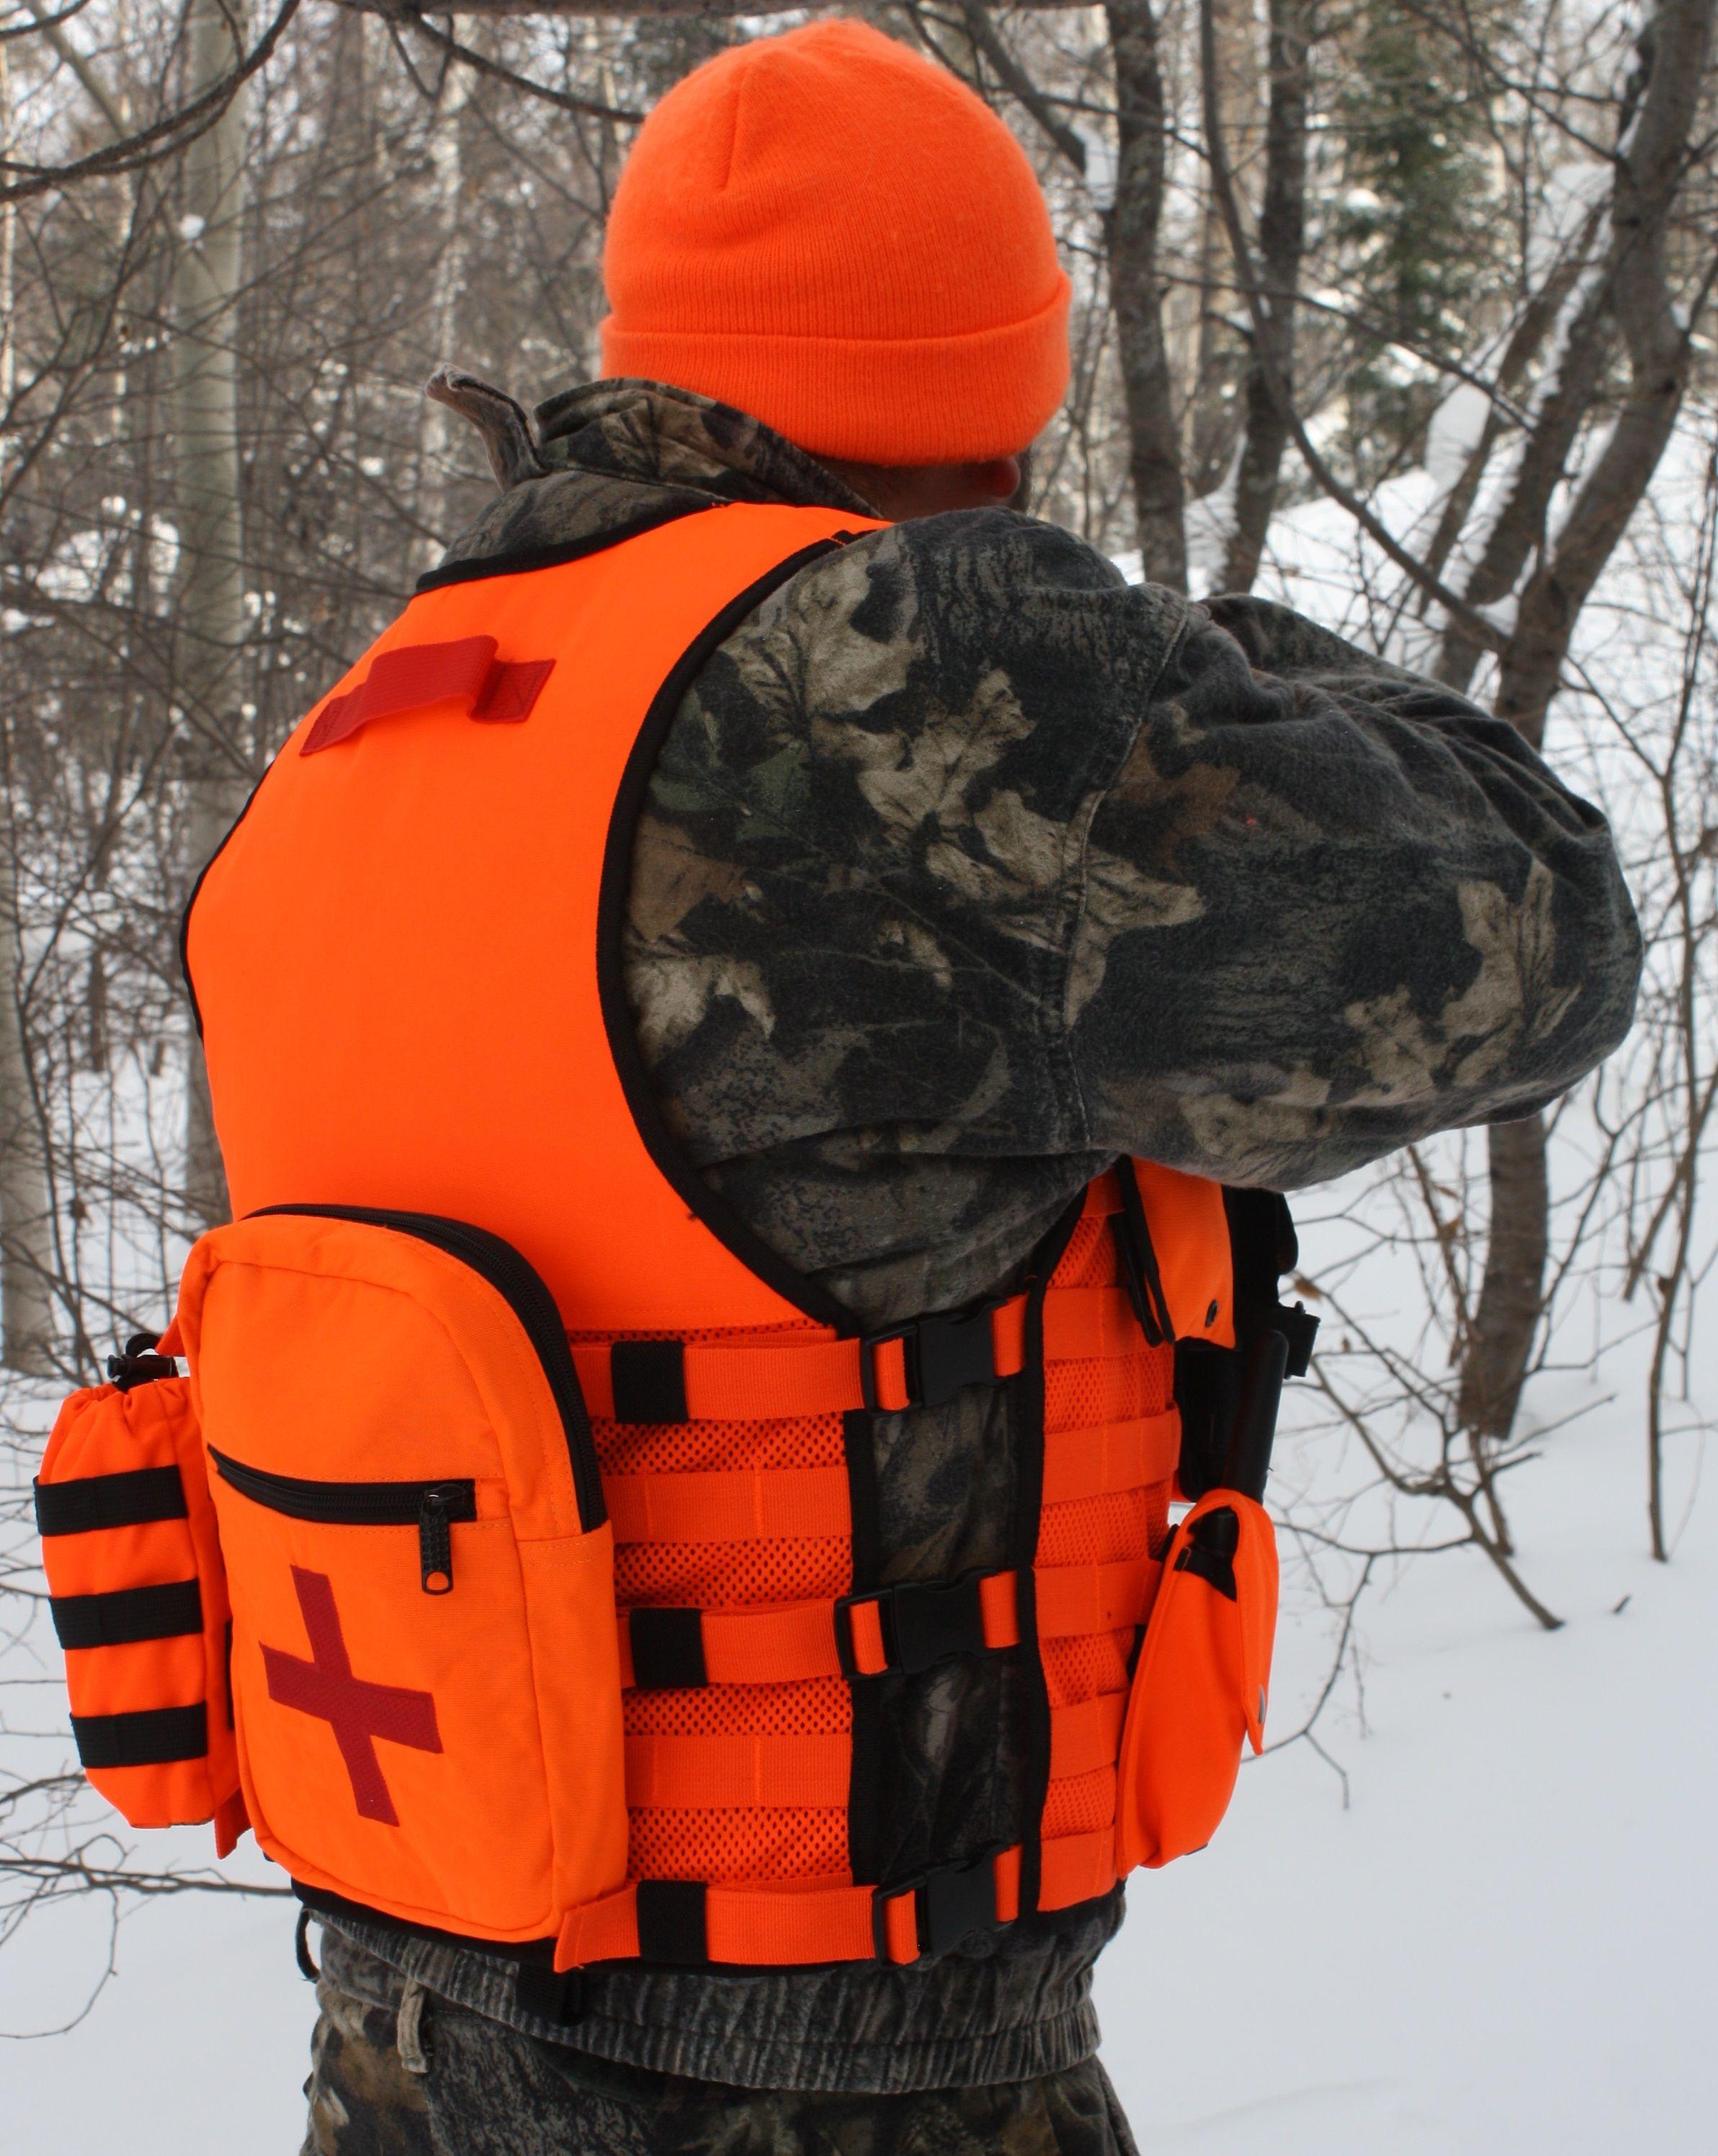 Blaze Orange MOLLE Vest (With images) Hunting packs